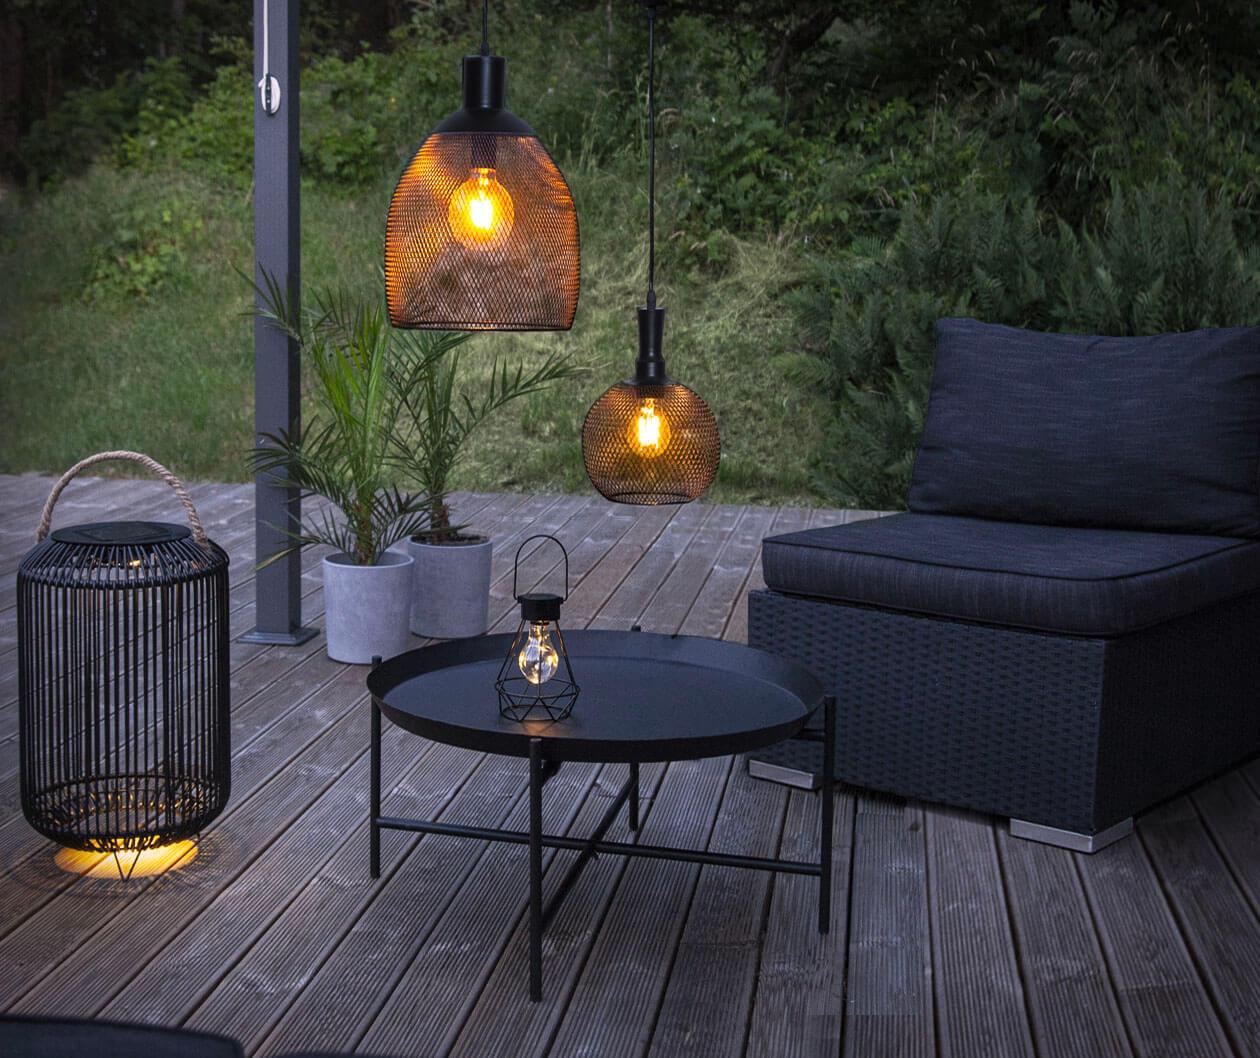 Köp solcellsbelysning för din trädgård, altan eller balkong från stort sortiment hos Ljus & Miljö